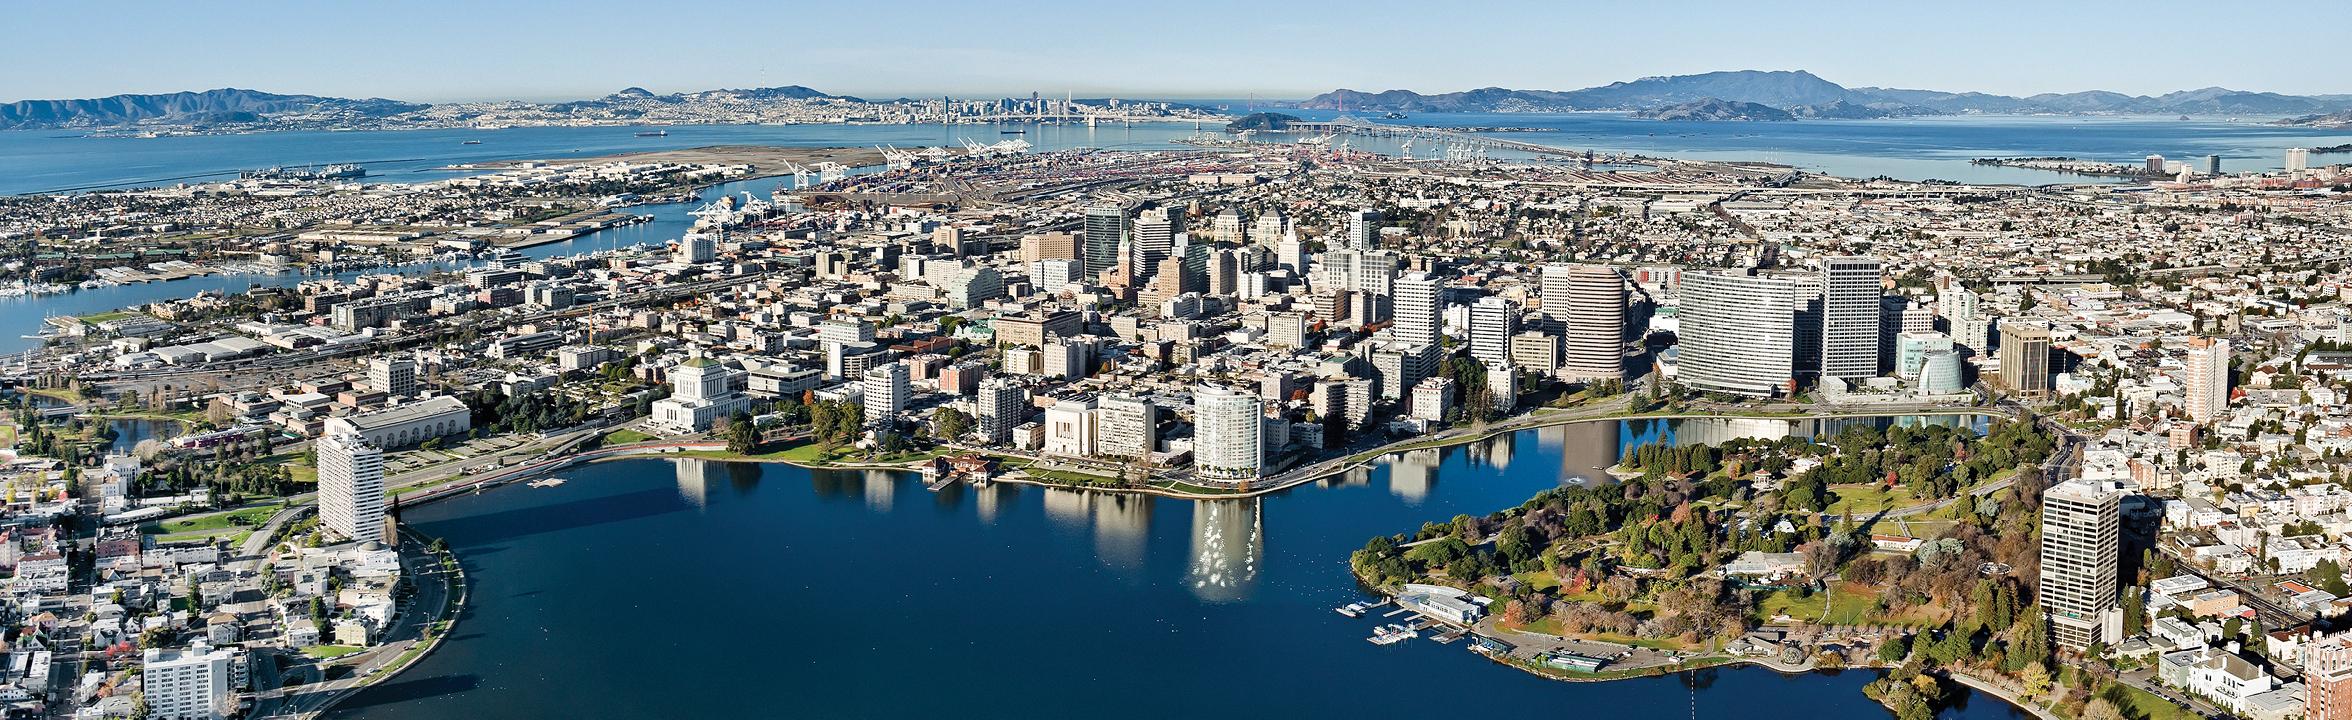 Oakland Cityscape Panorama